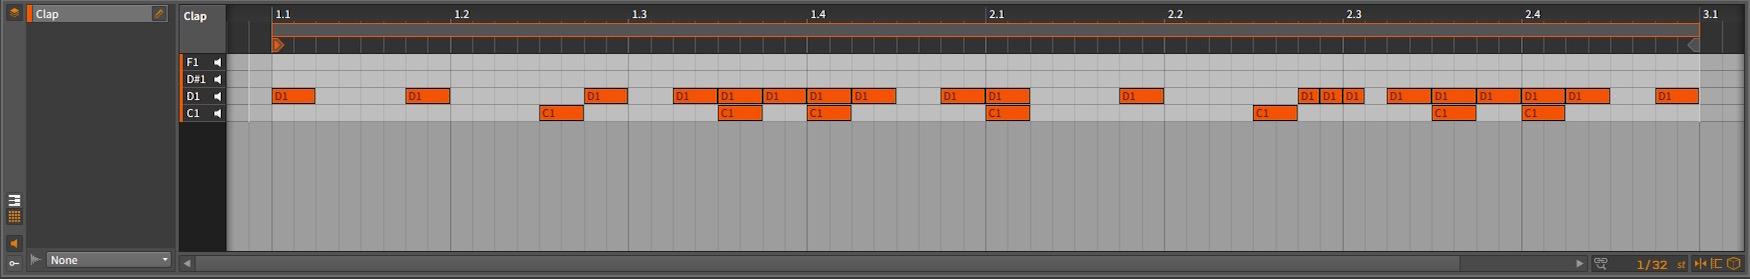 Bitwig Studio - Clap Arrangement [D1 - Clap]